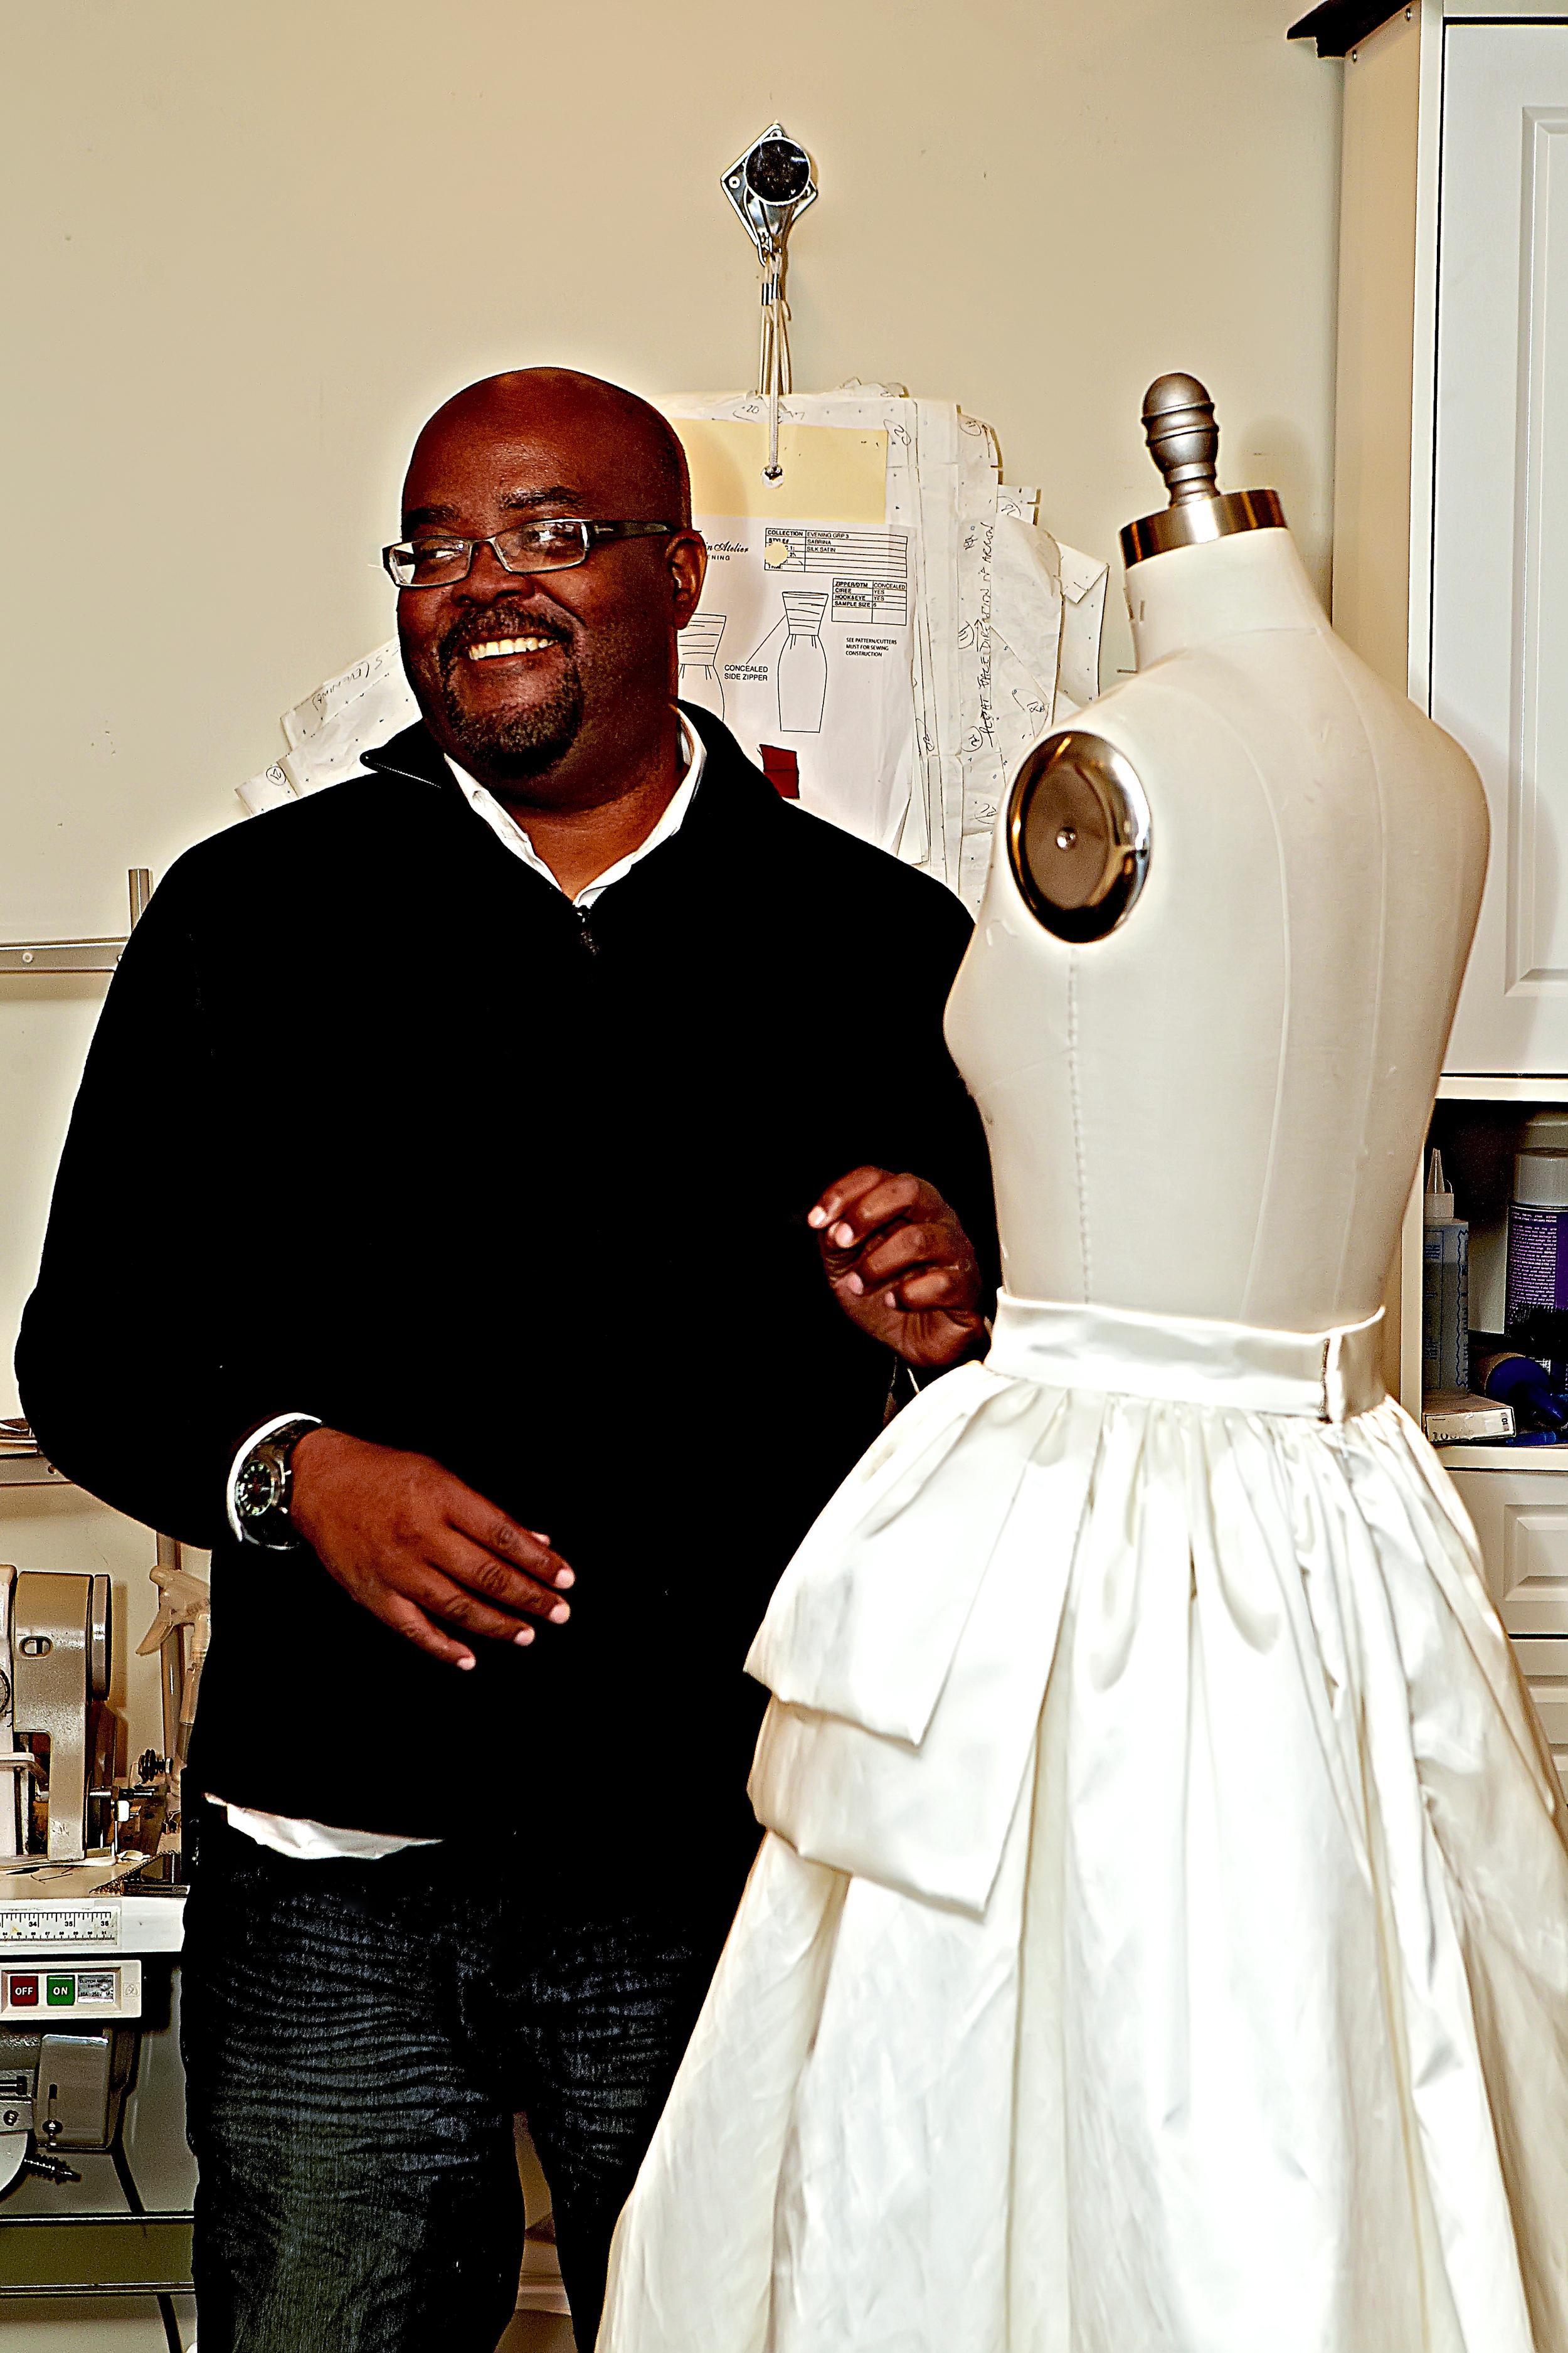 Jean-Ralph Thurin sewing wedding dress